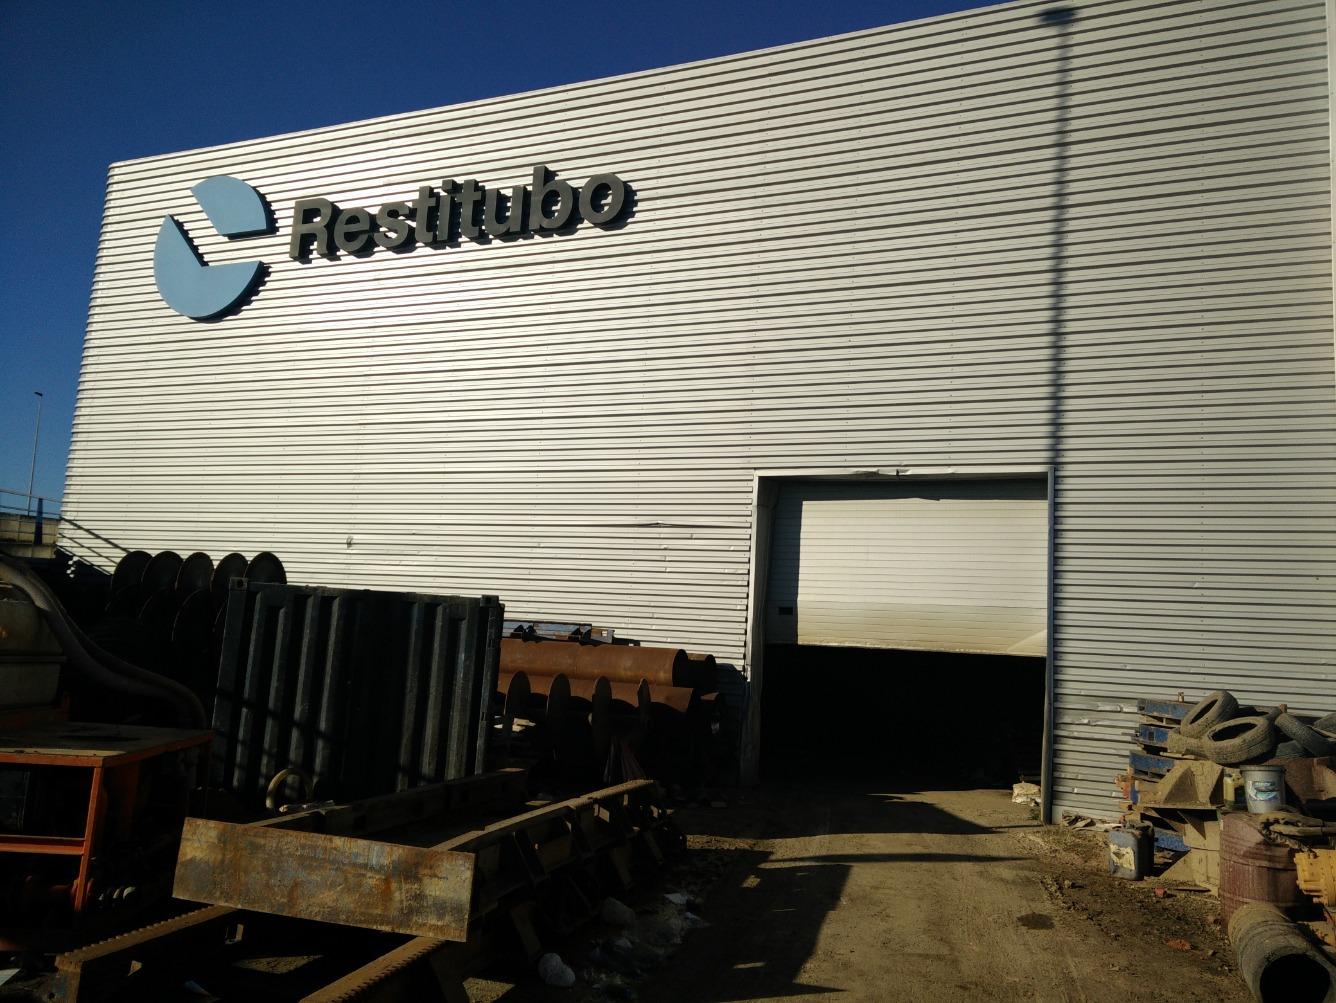 Affitto Capannone industriale  Camino vereda sur, 49. Nave industrial con excelente ubicación en la primera línea de l